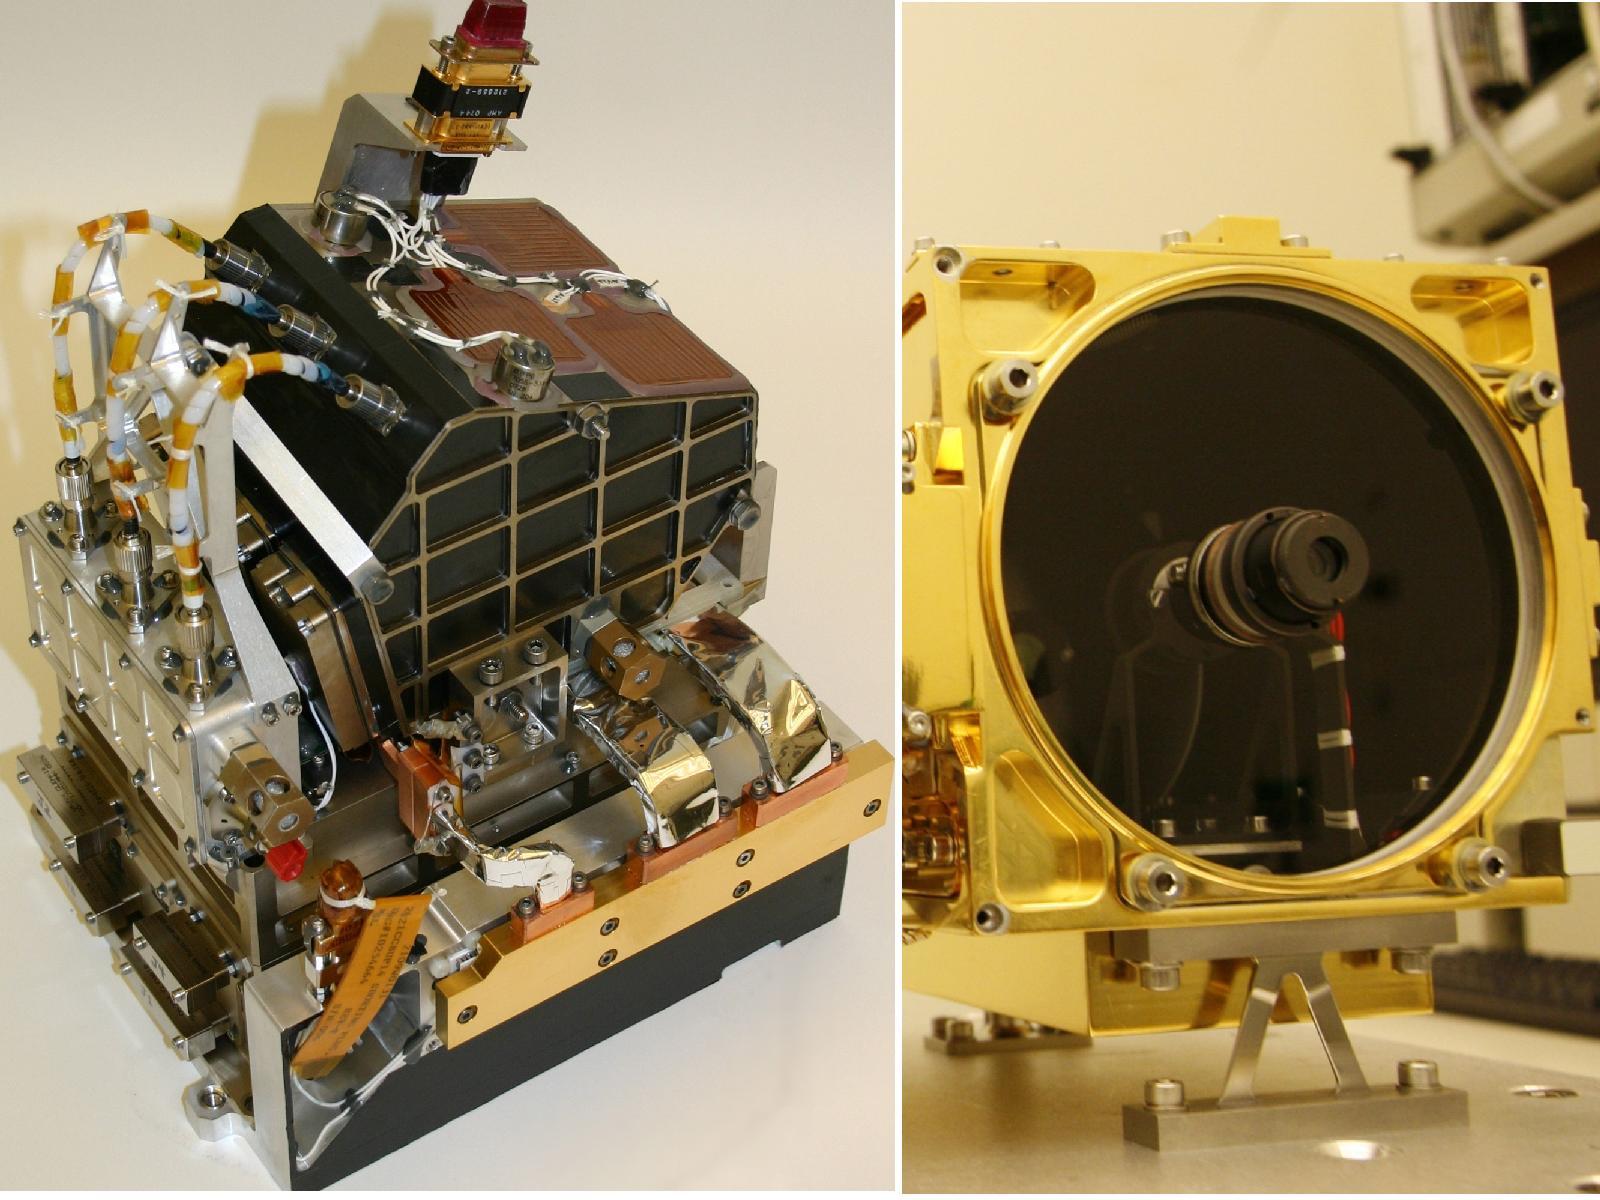 схема посадки марсохода curiosity